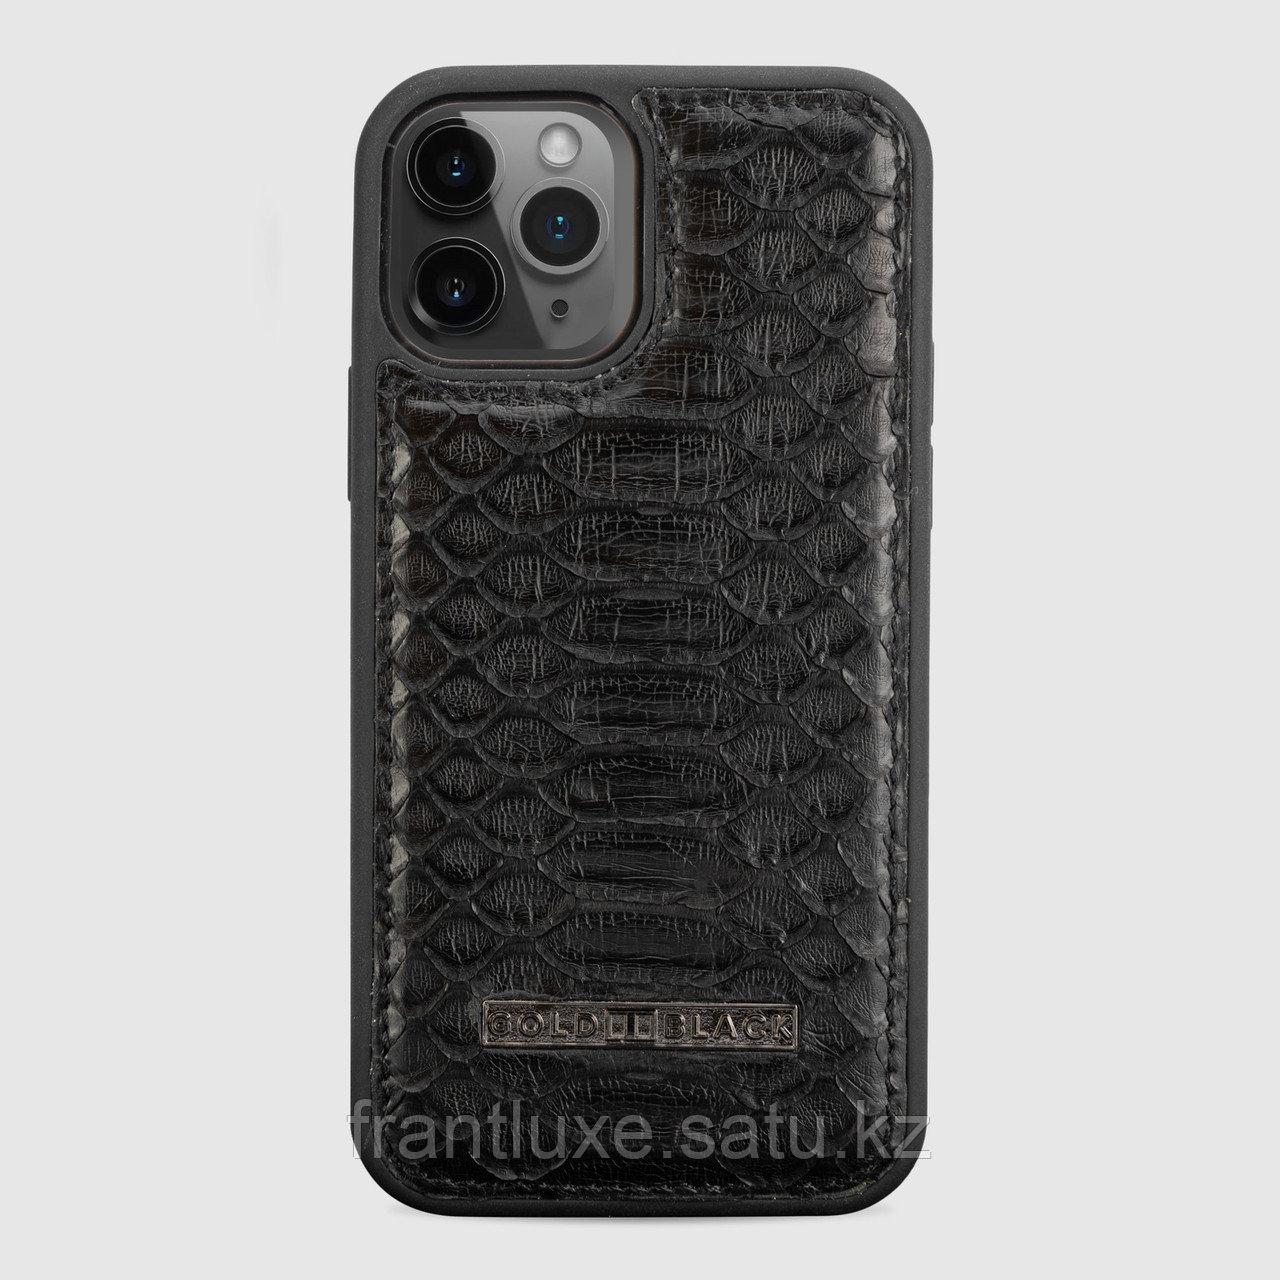 Чехол для телефона iPhone 12/12 Pro питон чёрный - фото 1